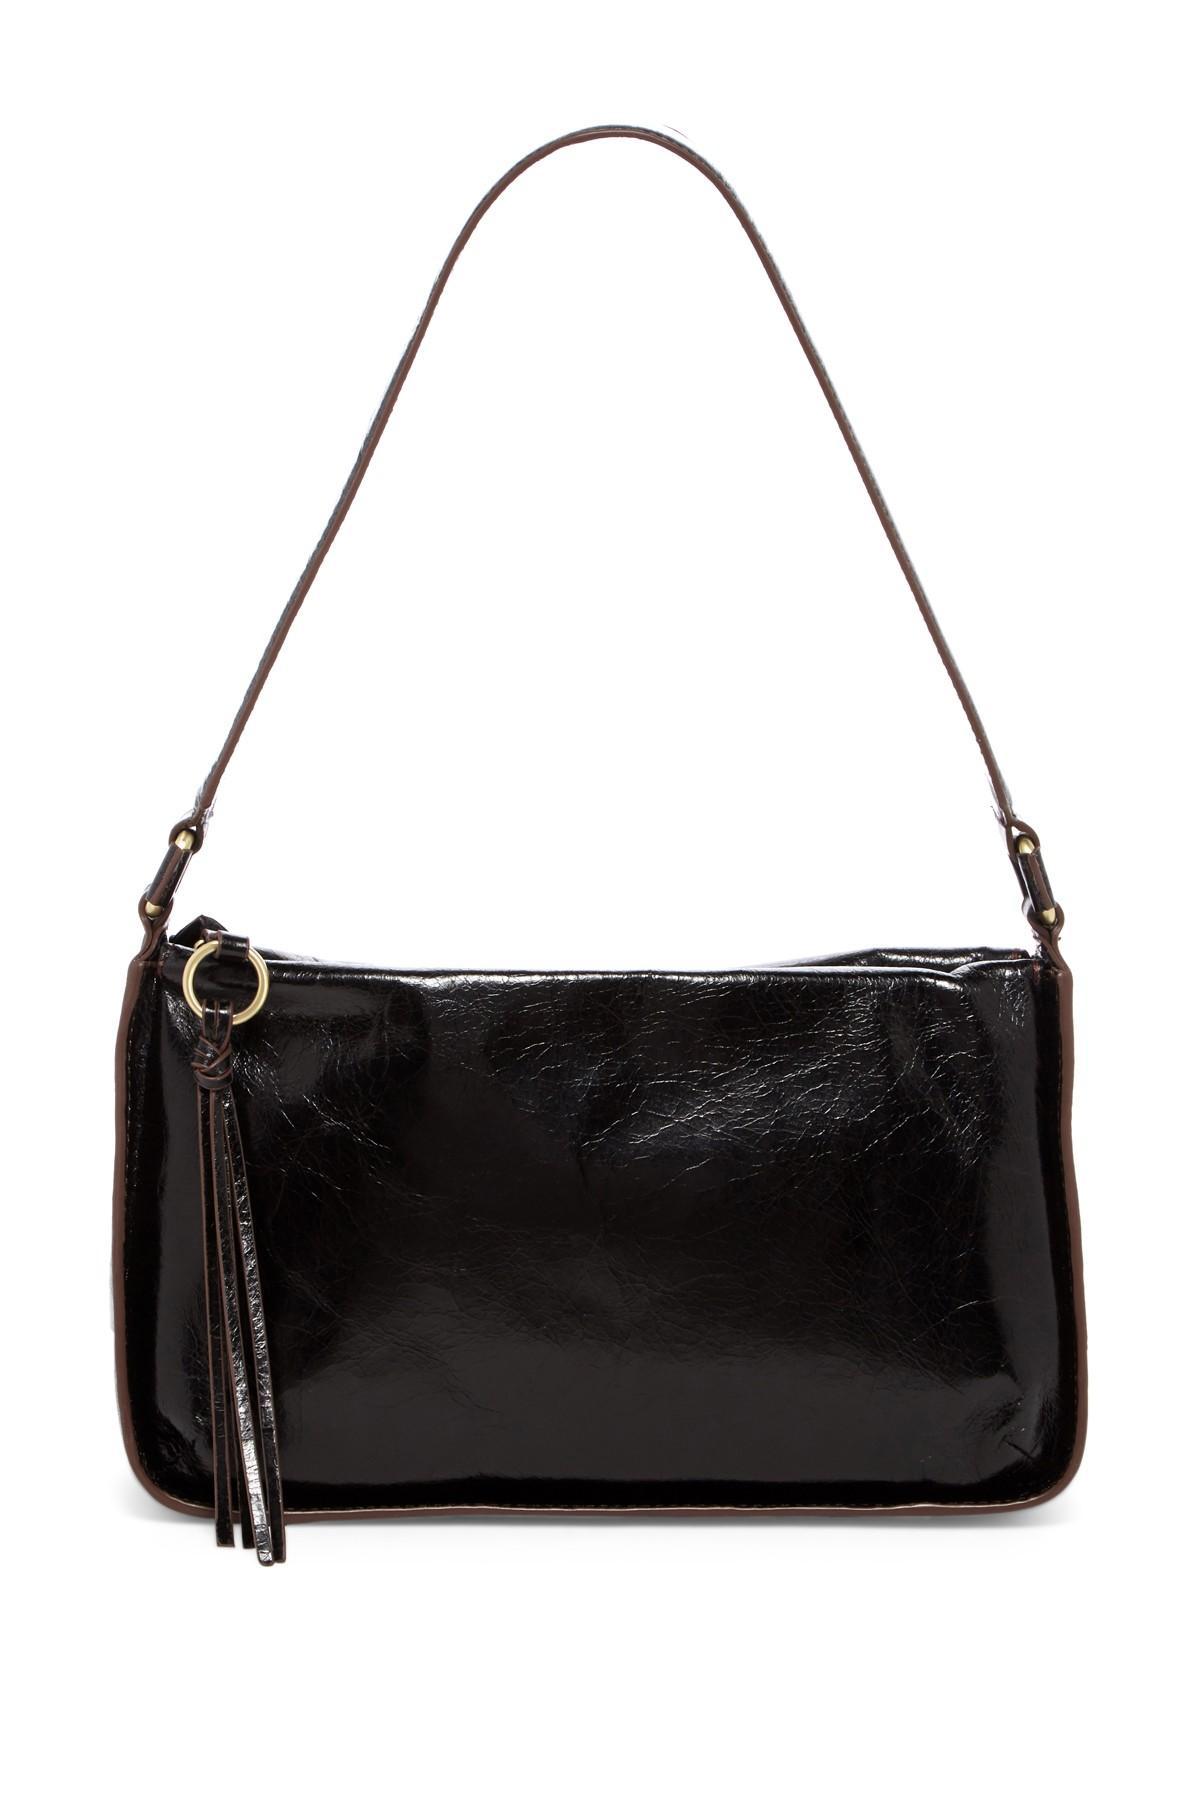 765818ab4d60 Lyst - Hobo Evita Leather Shoulder Bag in Black